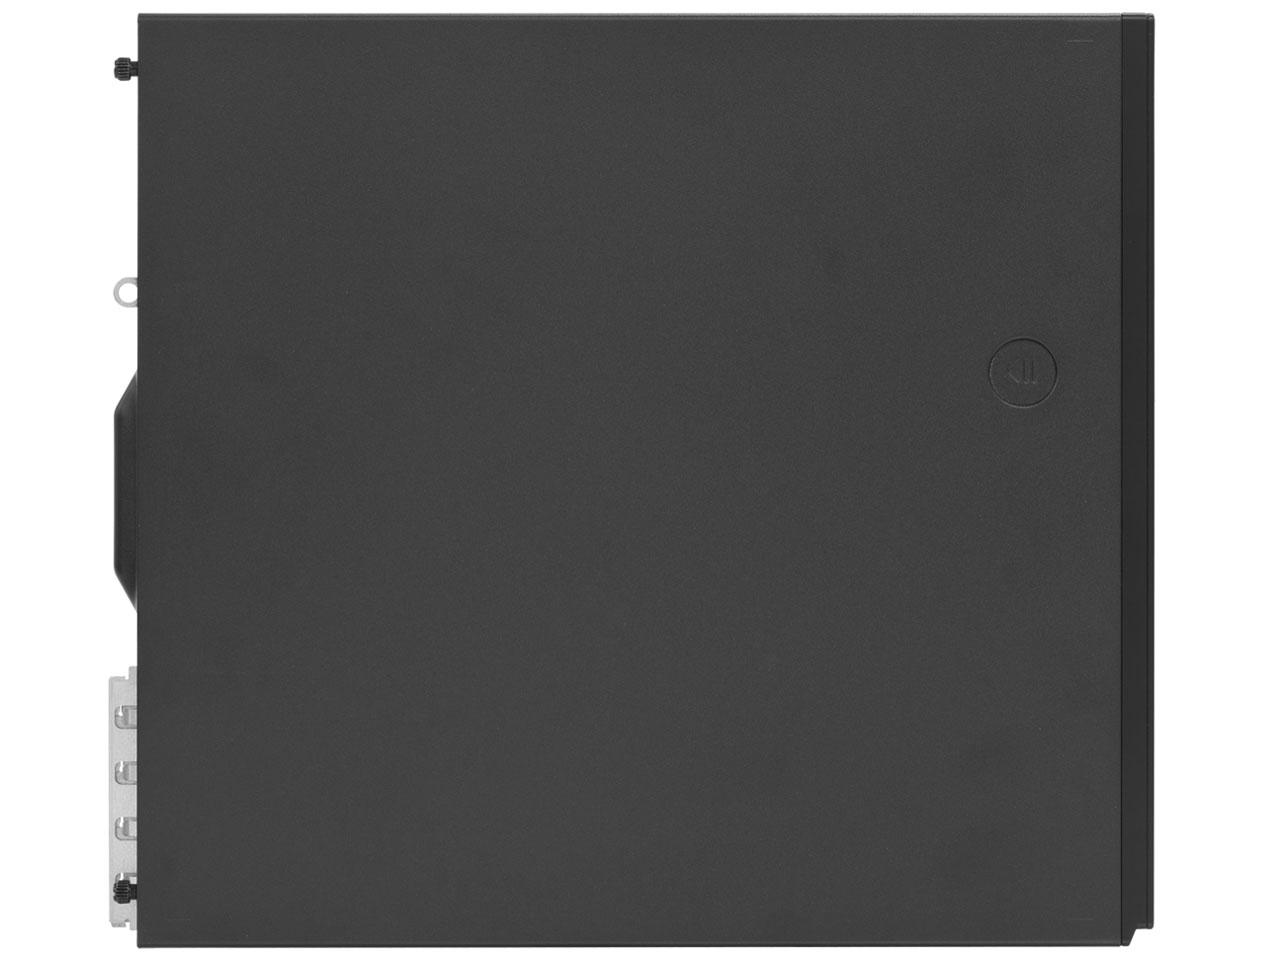 『本体 左側面』 VSK2000-U3 の製品画像